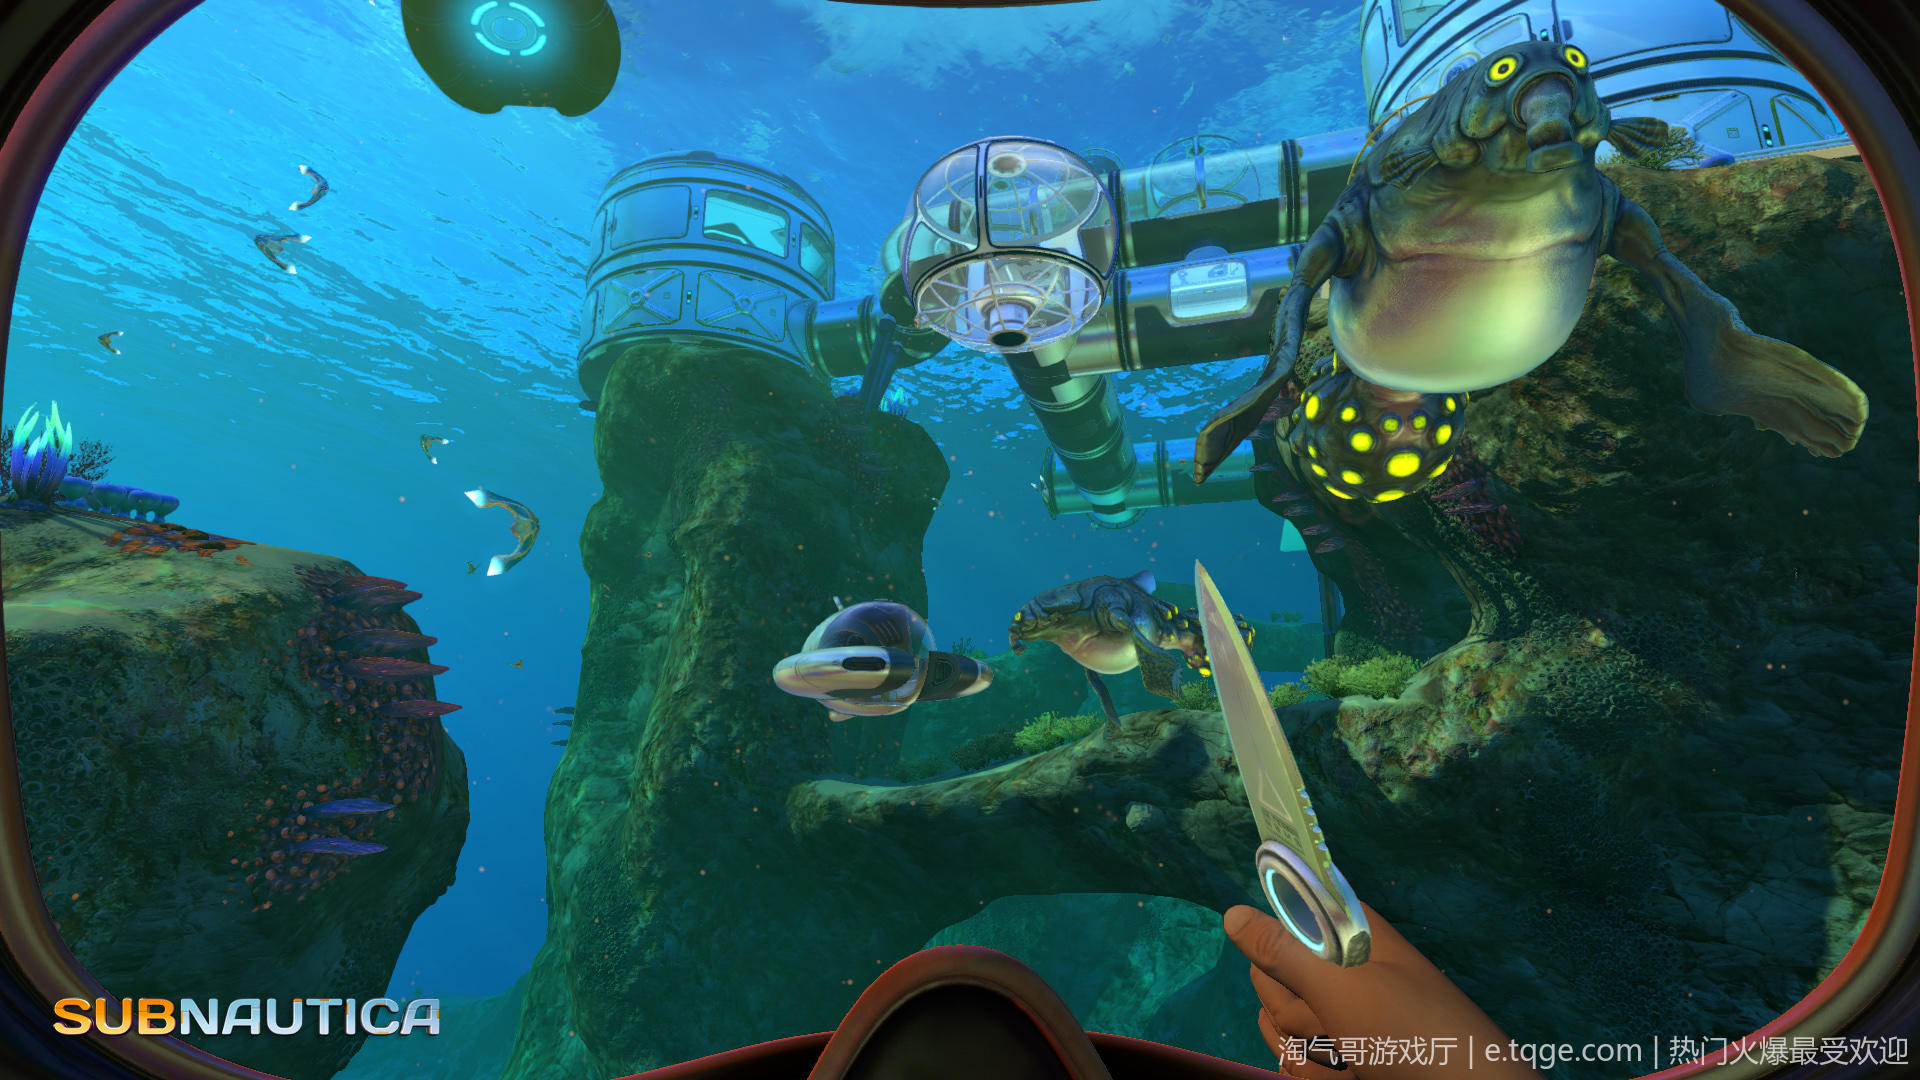 深海迷航/水下之旅/美丽水世界 动作冒险 第8张